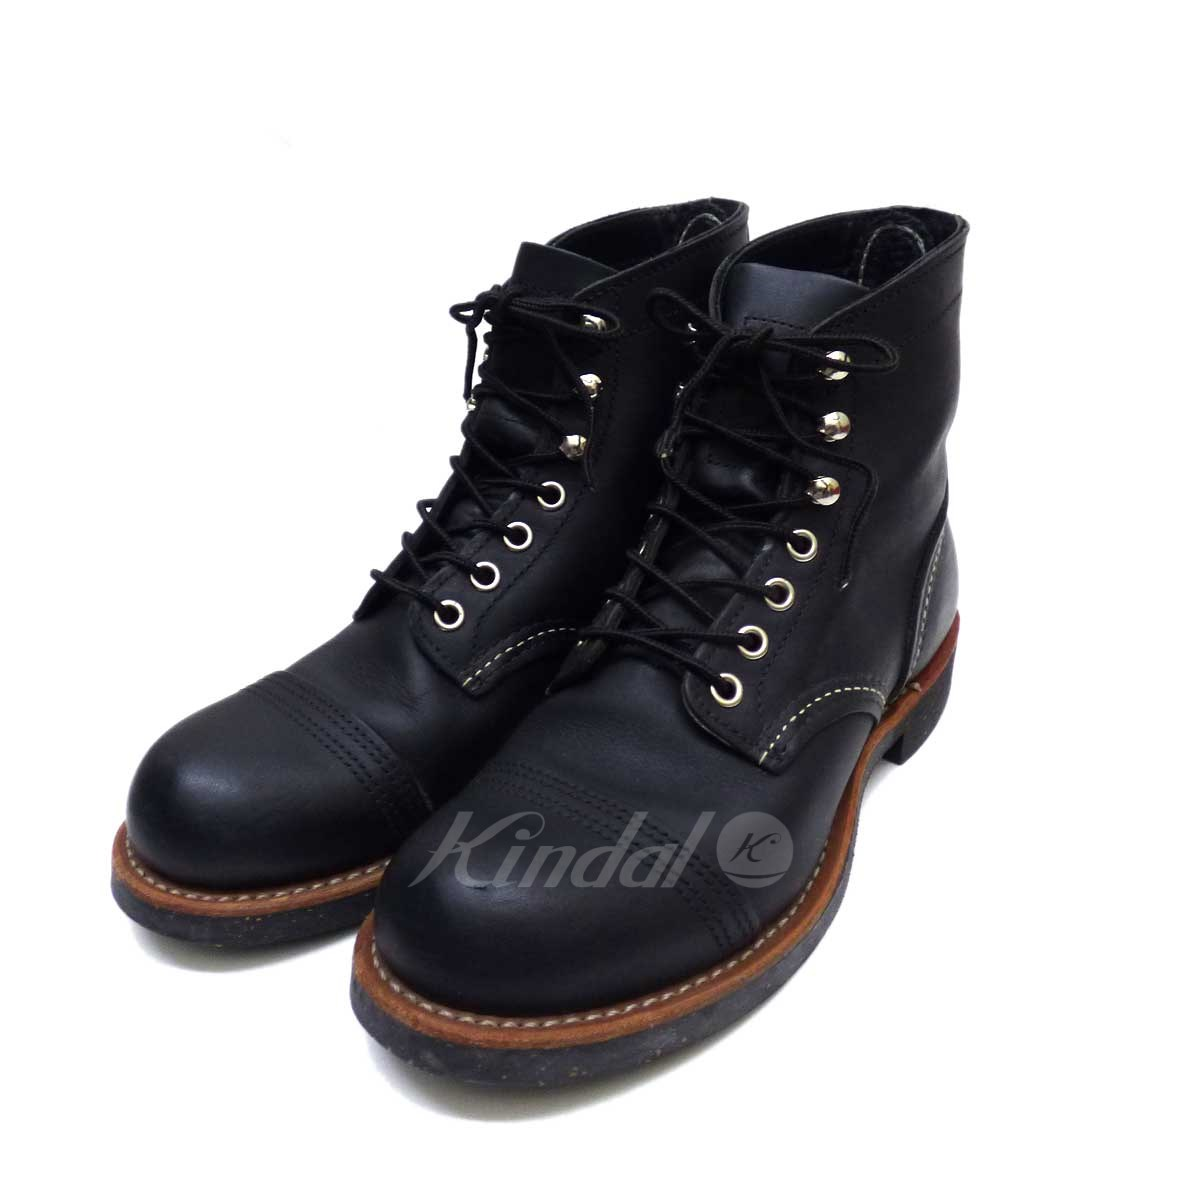 【中古】RED WING レザーブーツ 8114 ブラック サイズ:23.0 【送料無料】 【180918】(レッドウィング)